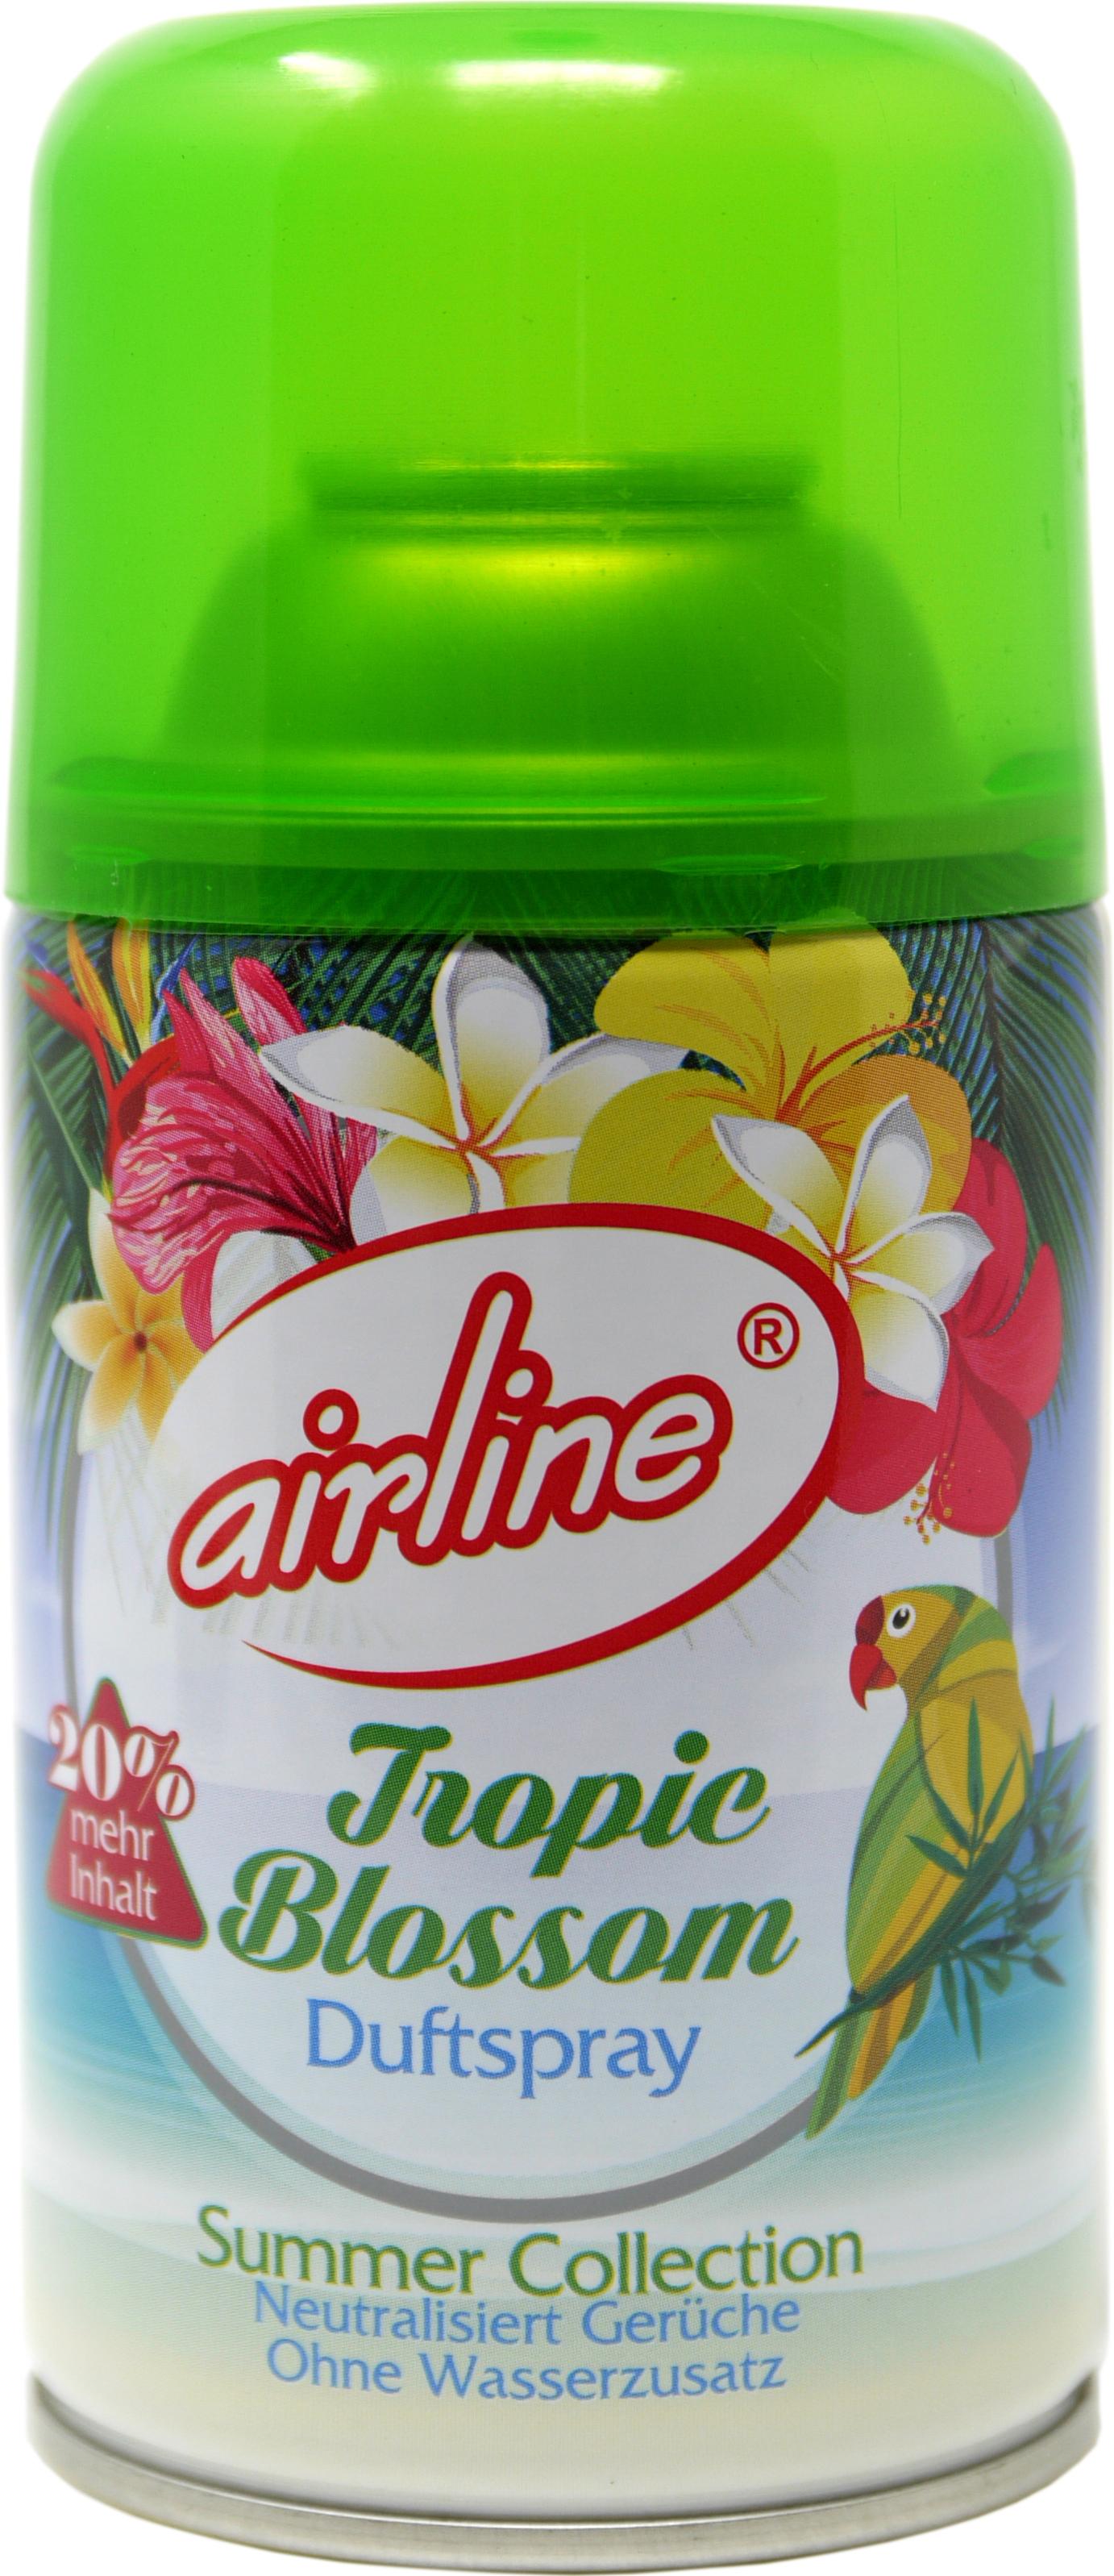 00531 - airline Summer Collection Tropic Blossom Nachfüllkartusche 300 ml